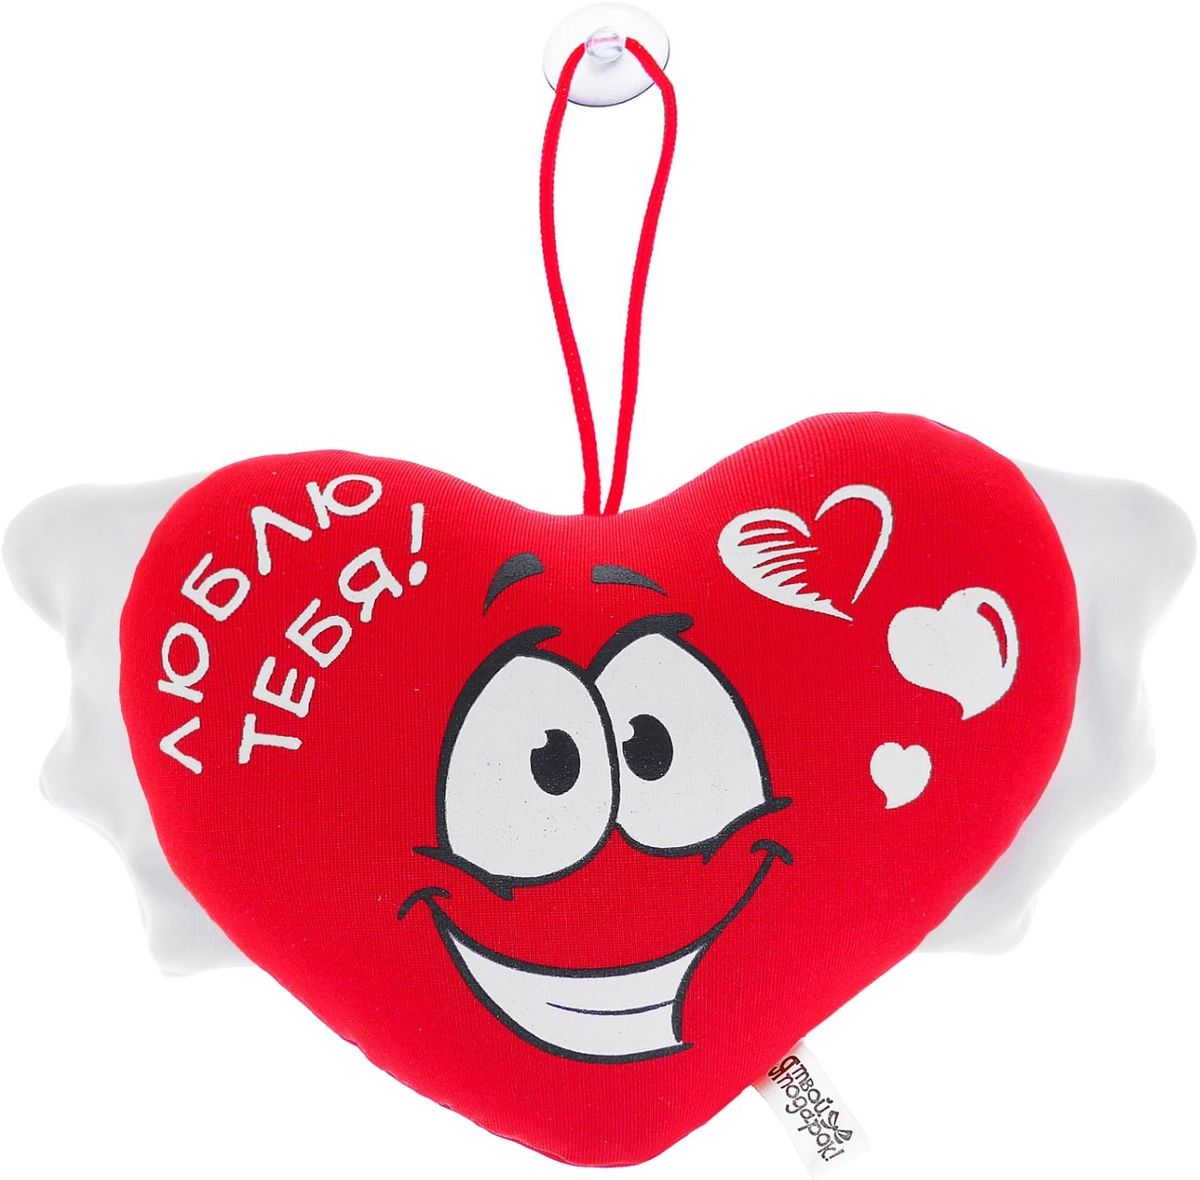 Sima-land Мягкая игрушка-антистресс Сердечко с крыльями Люблю тебя! 864929 sima land мягкая игрушка антистресс сердечко скажи мне да 330862